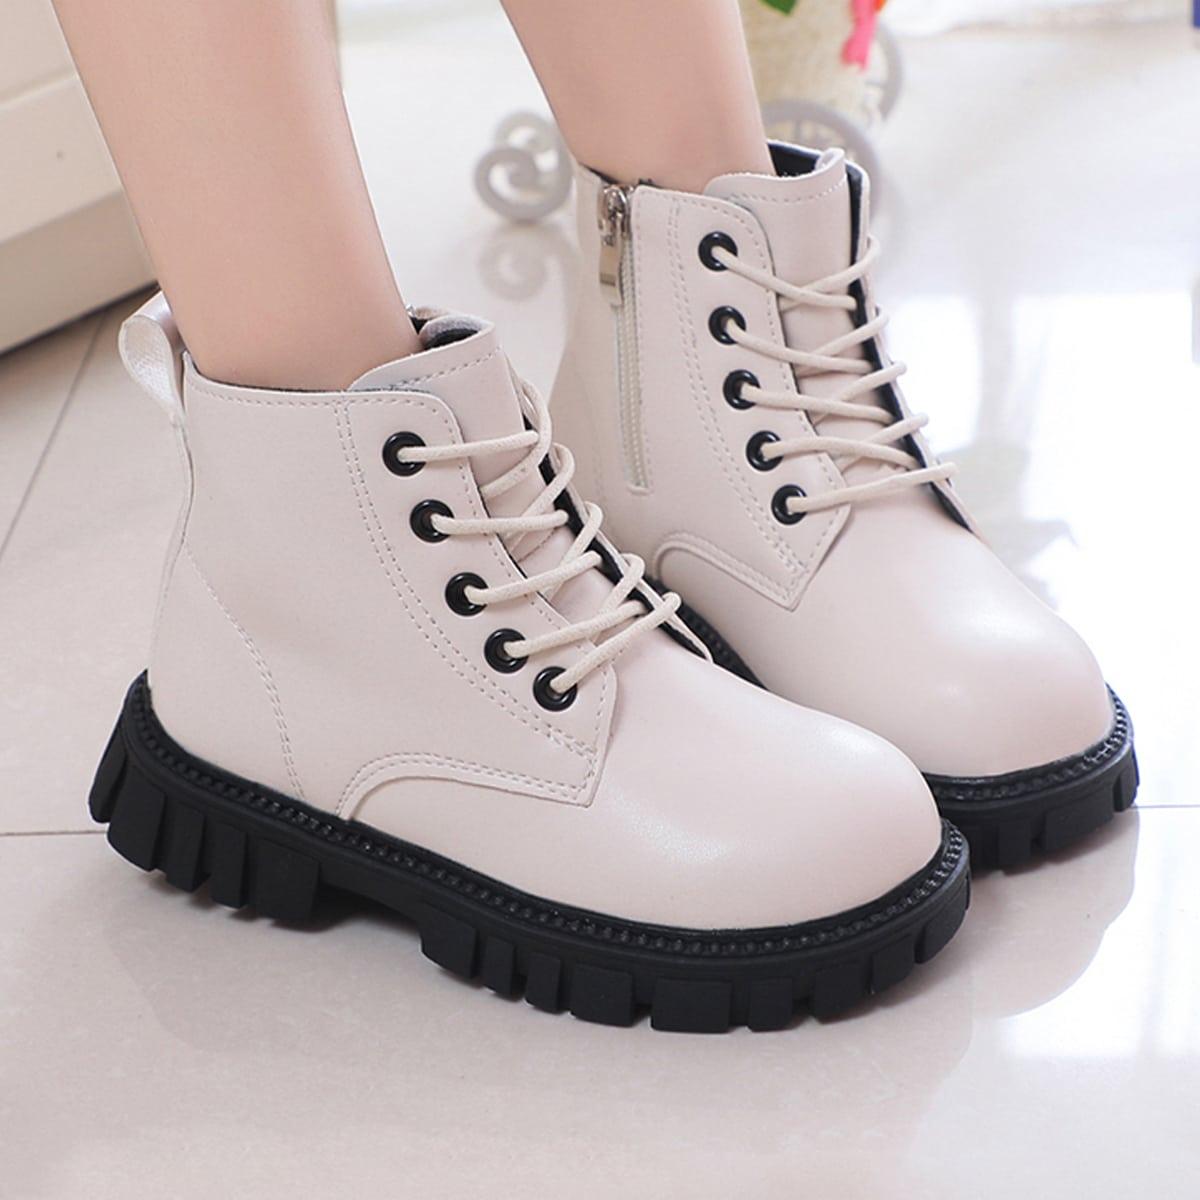 для девочек Ботинки минималистичный на шнурках SheIn sk2108137976639991